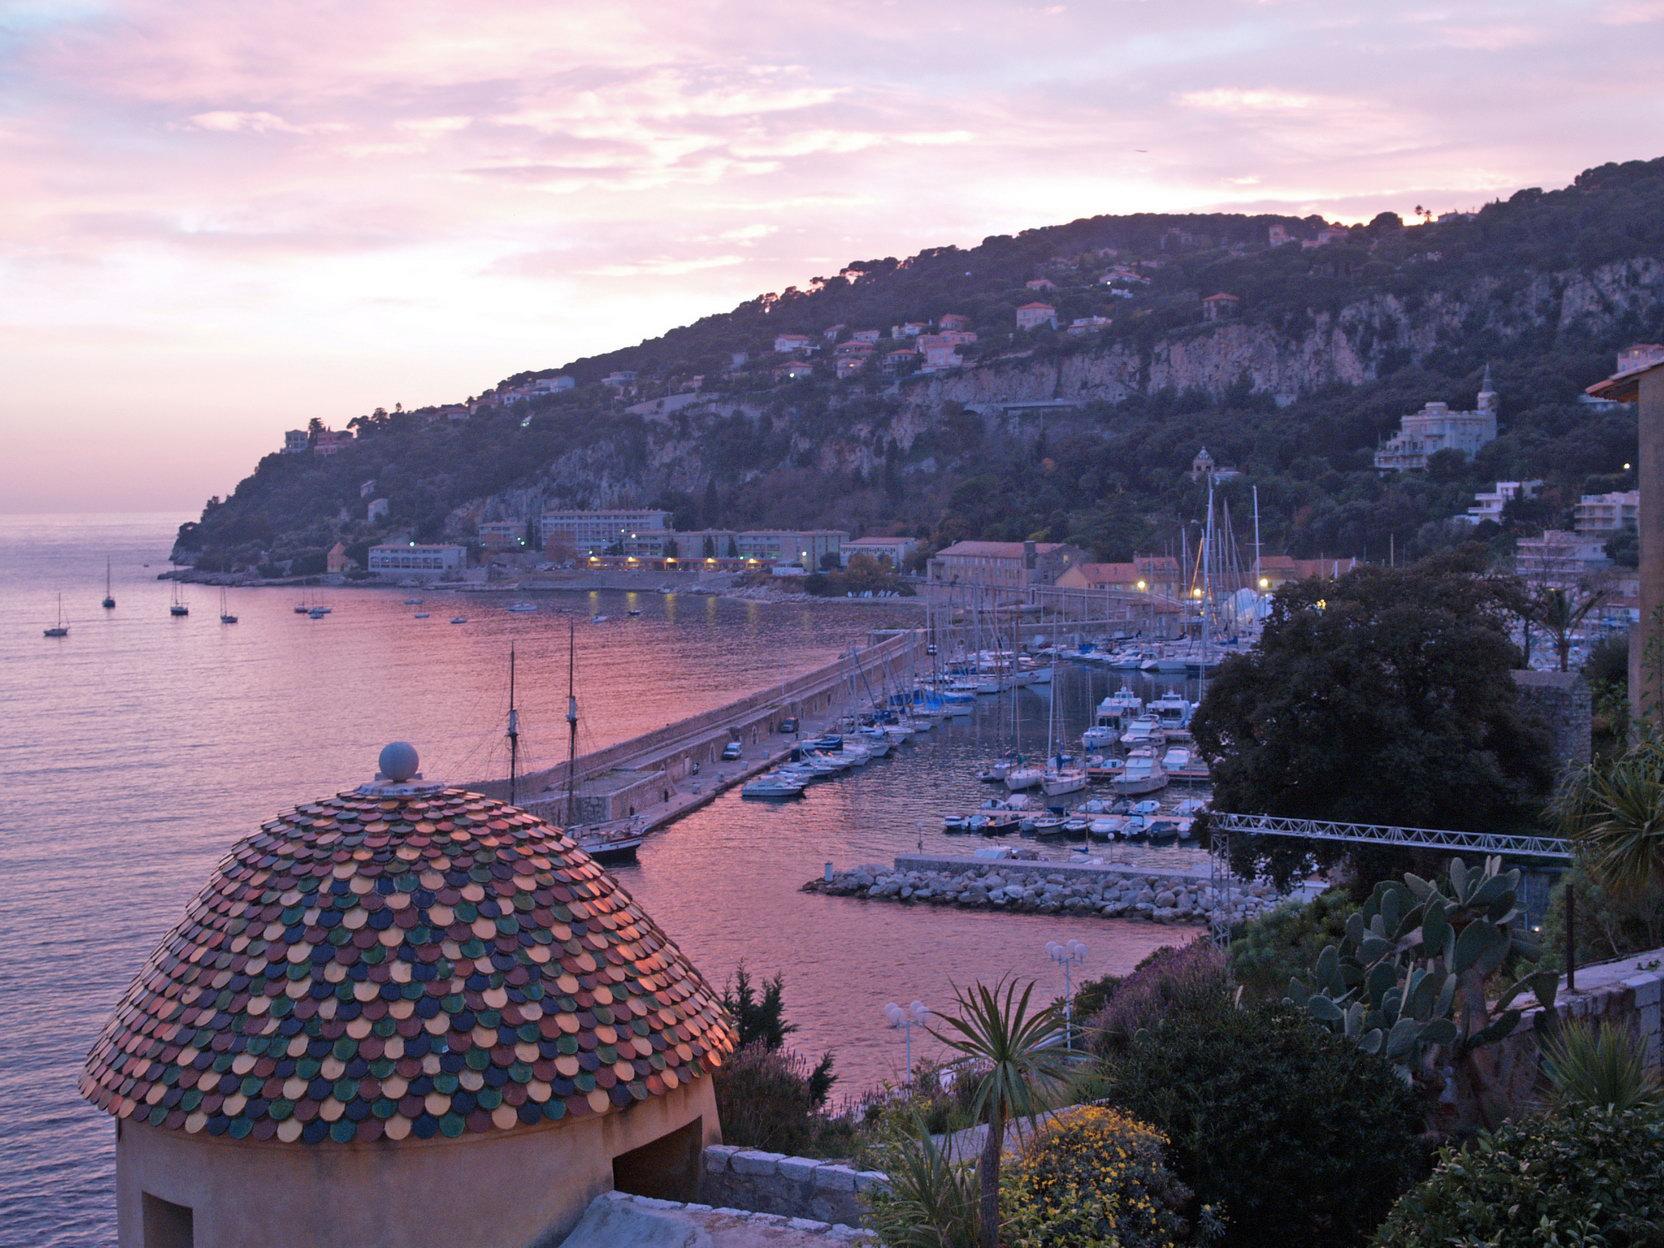 Office de tourisme de villefranche sur mer - Port de la darse villefranche sur mer ...